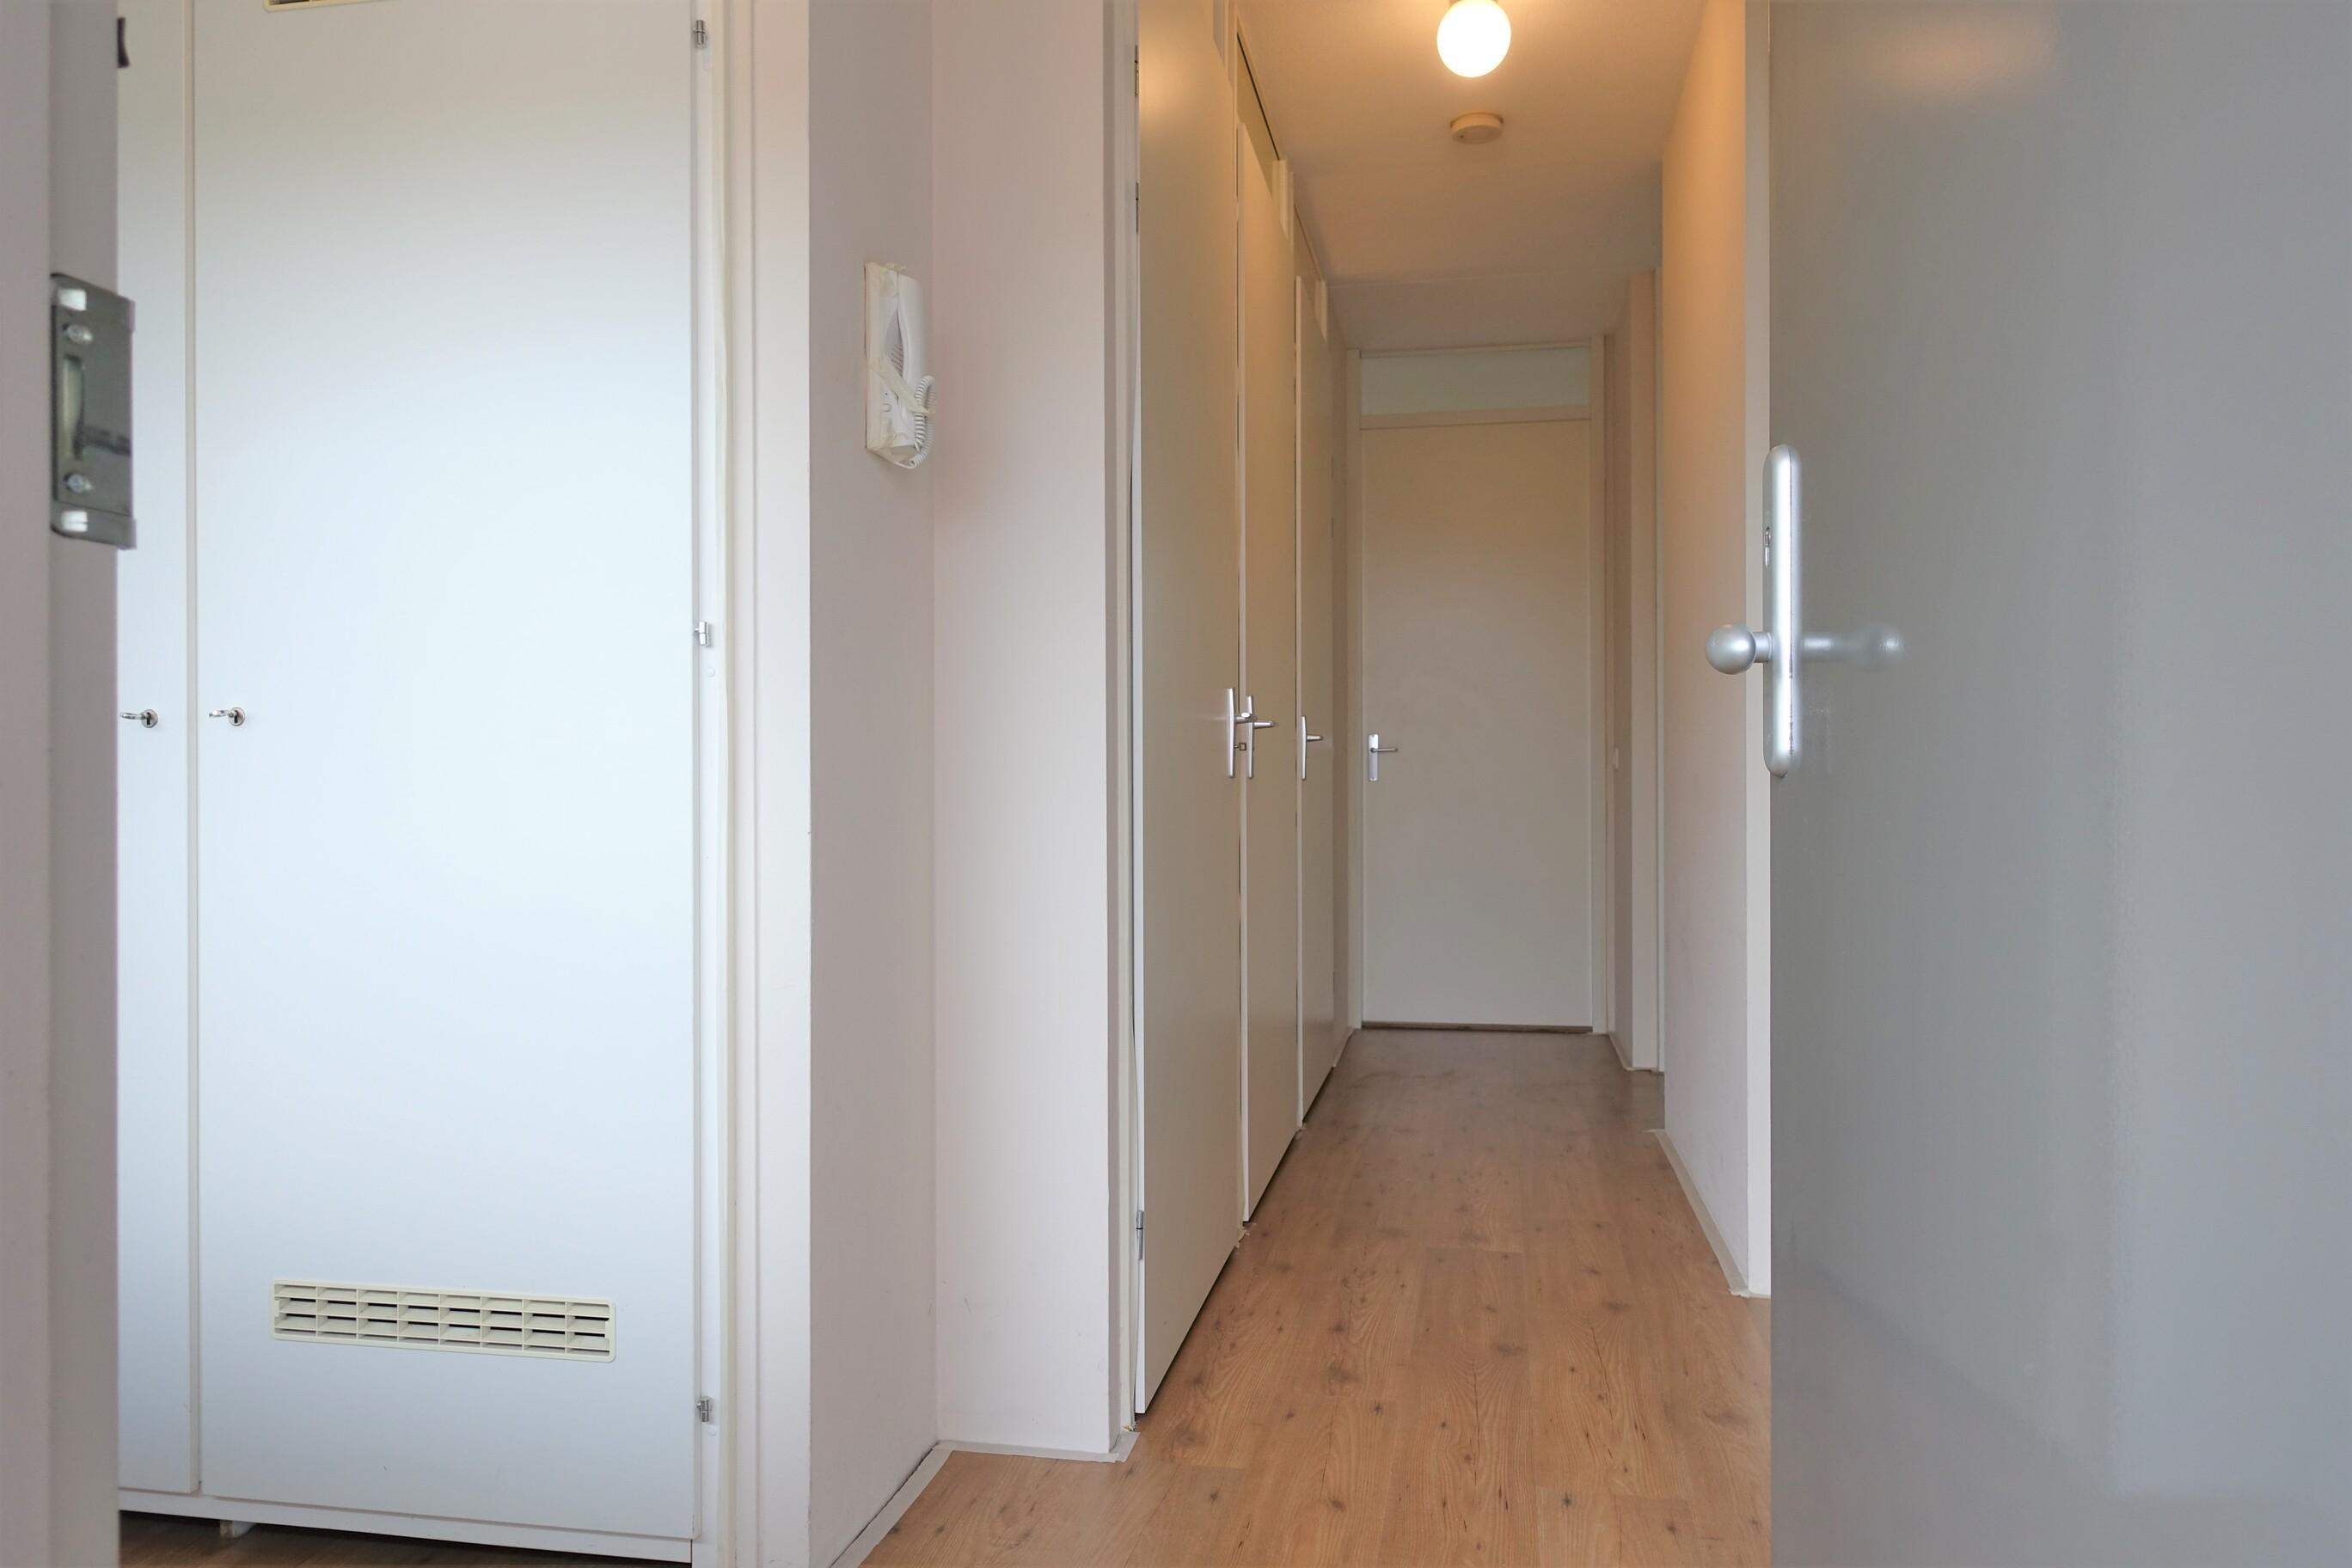 Talmalaan 183, Utrecht